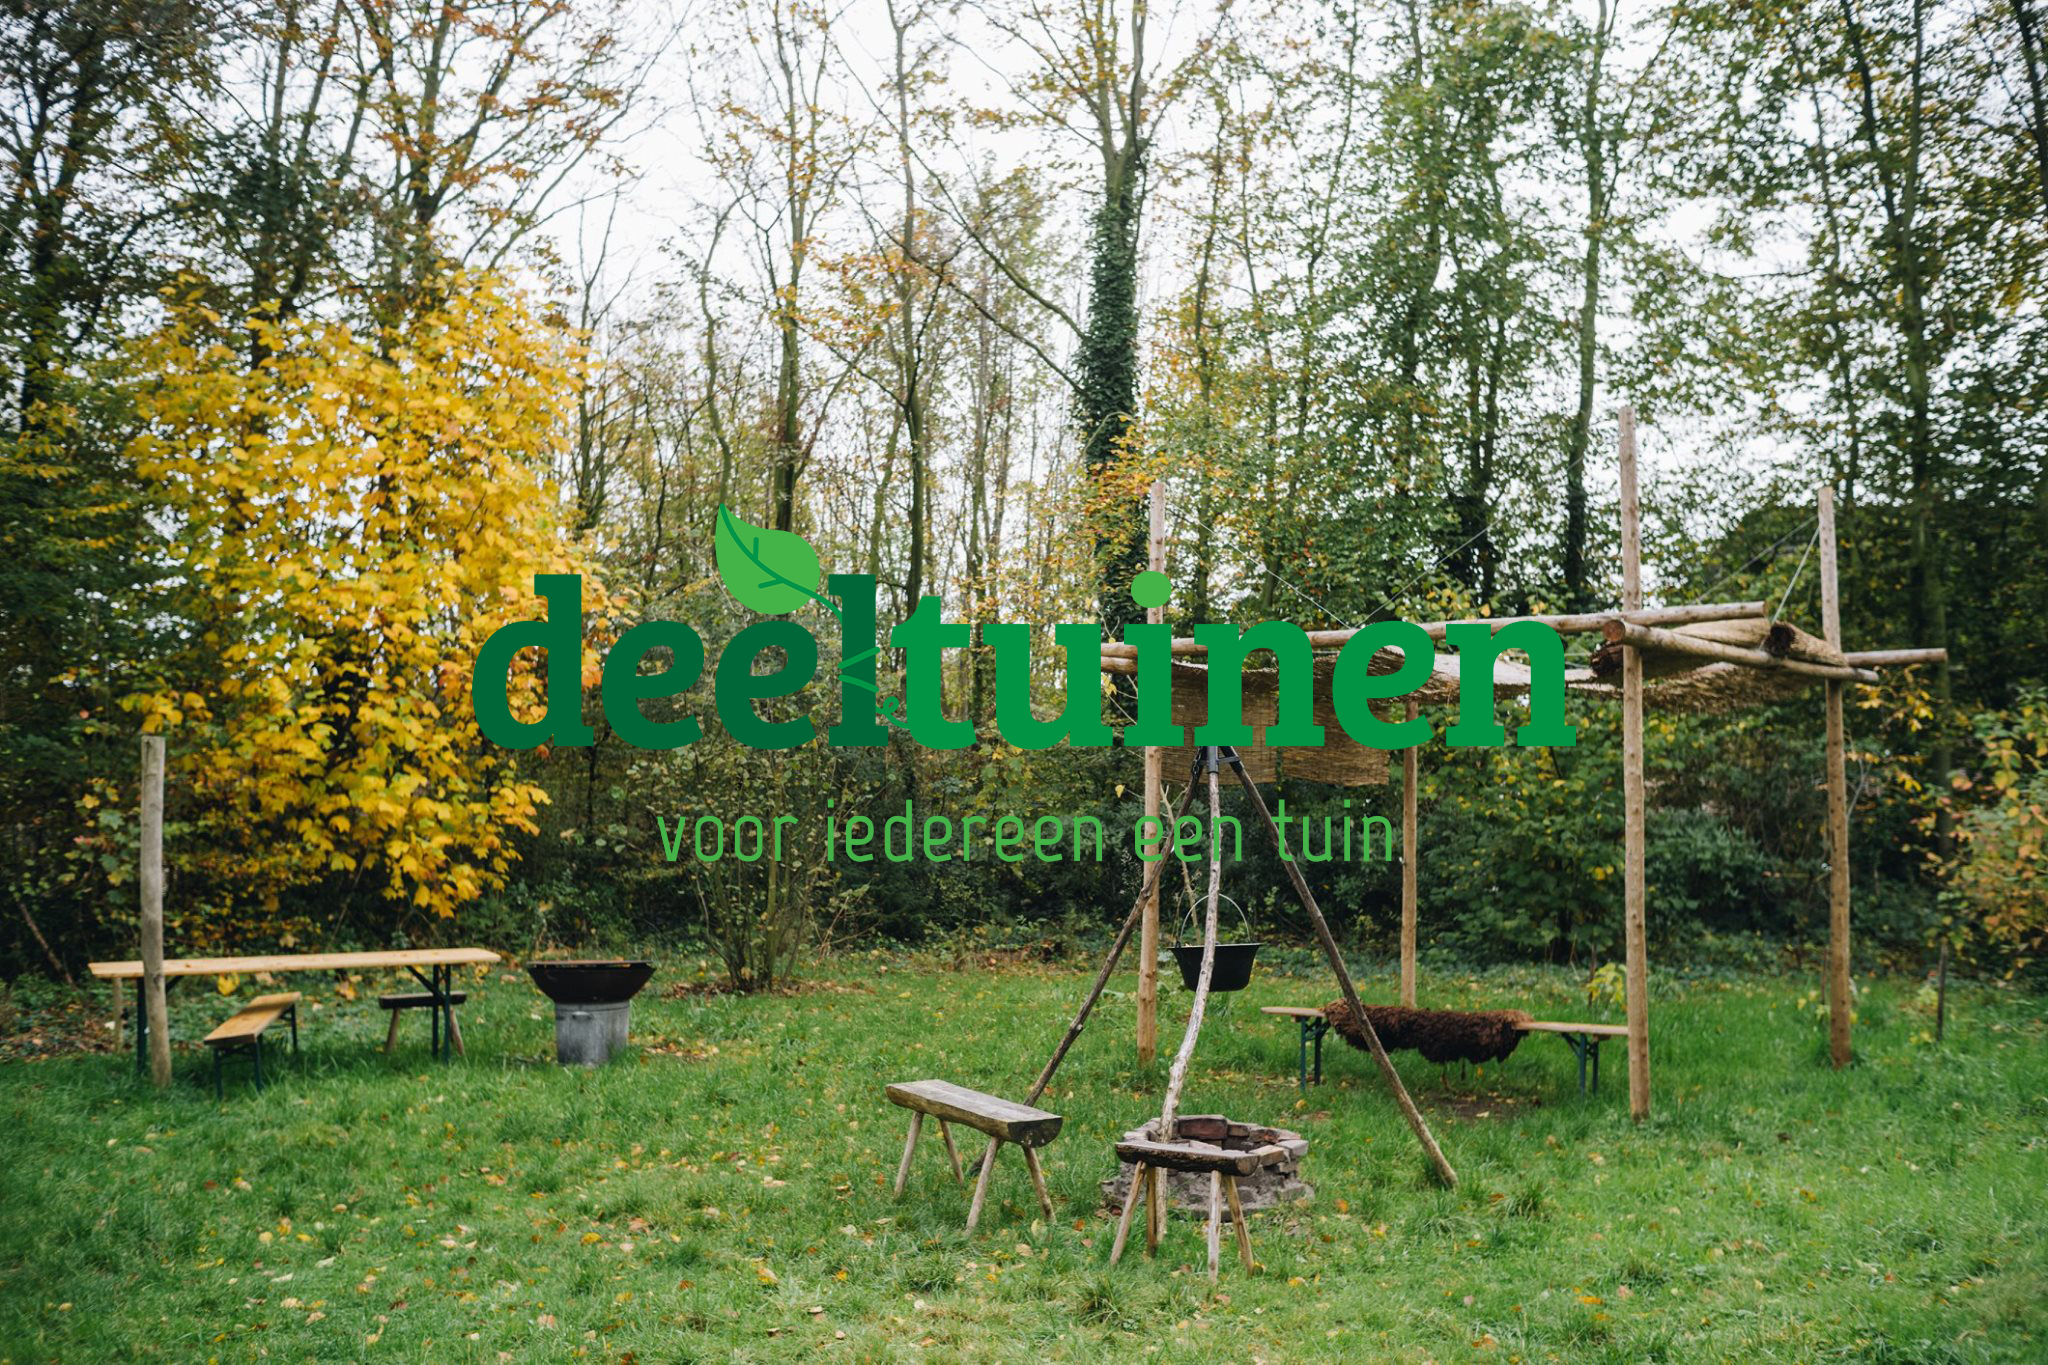 deeltuinen.nl, deel je tuin